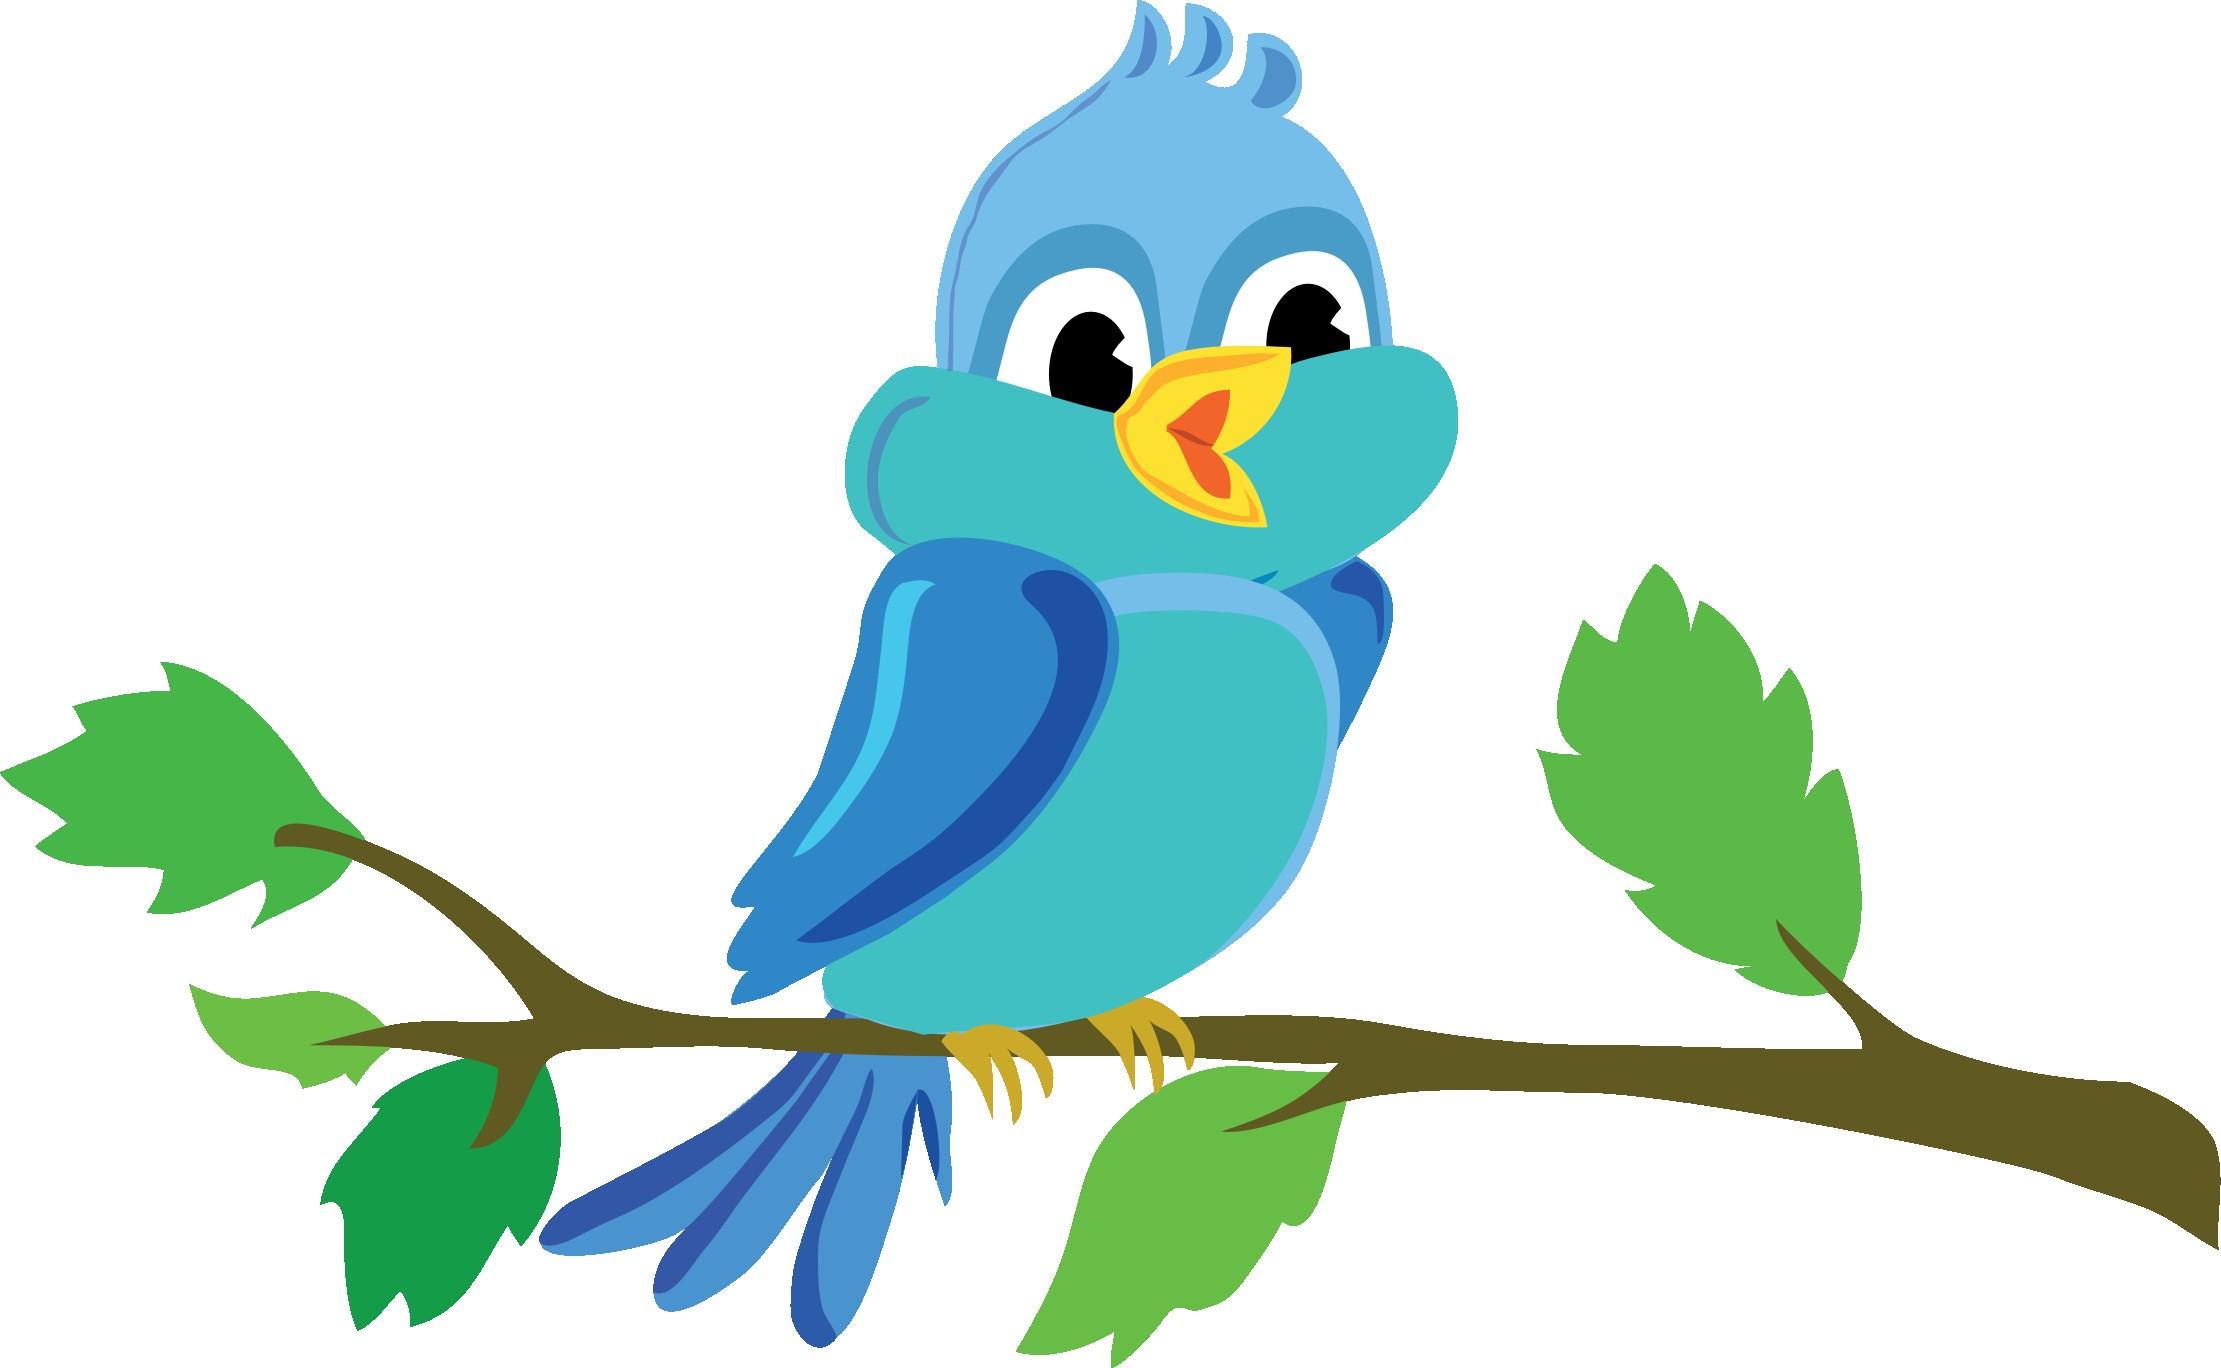 On Clipart Of Bird Tree Love 10.